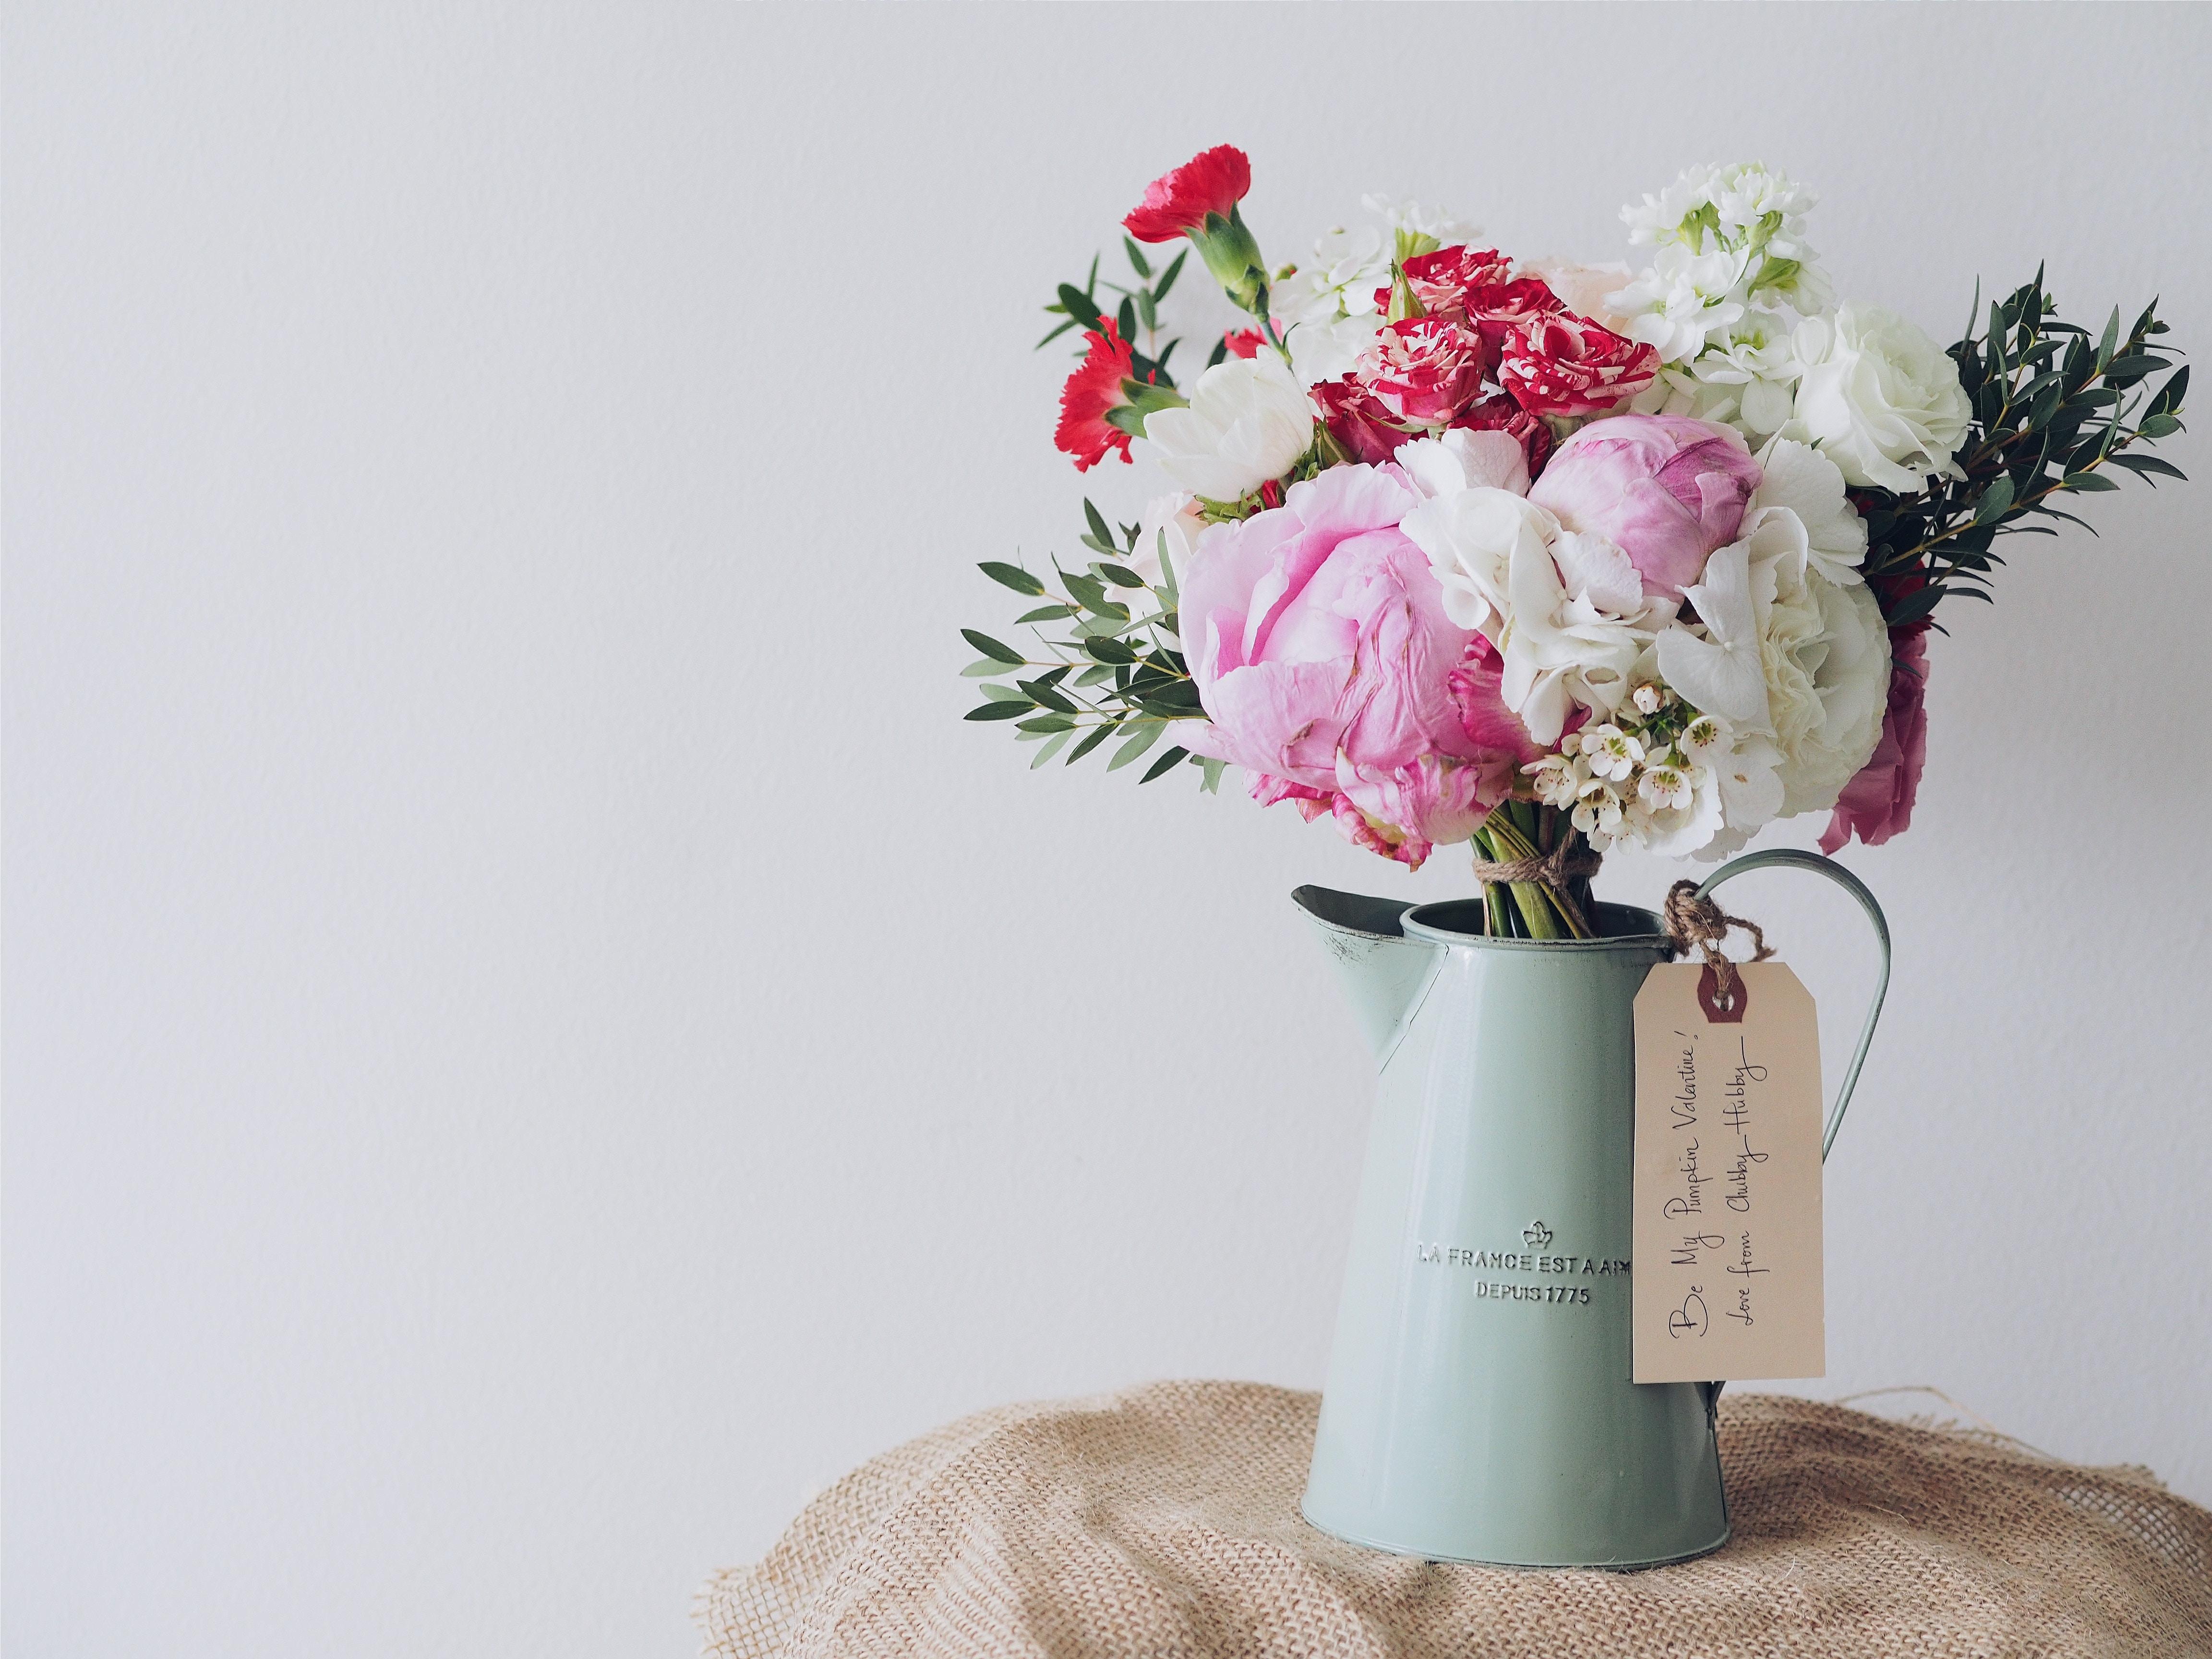 Flowers in winter decor